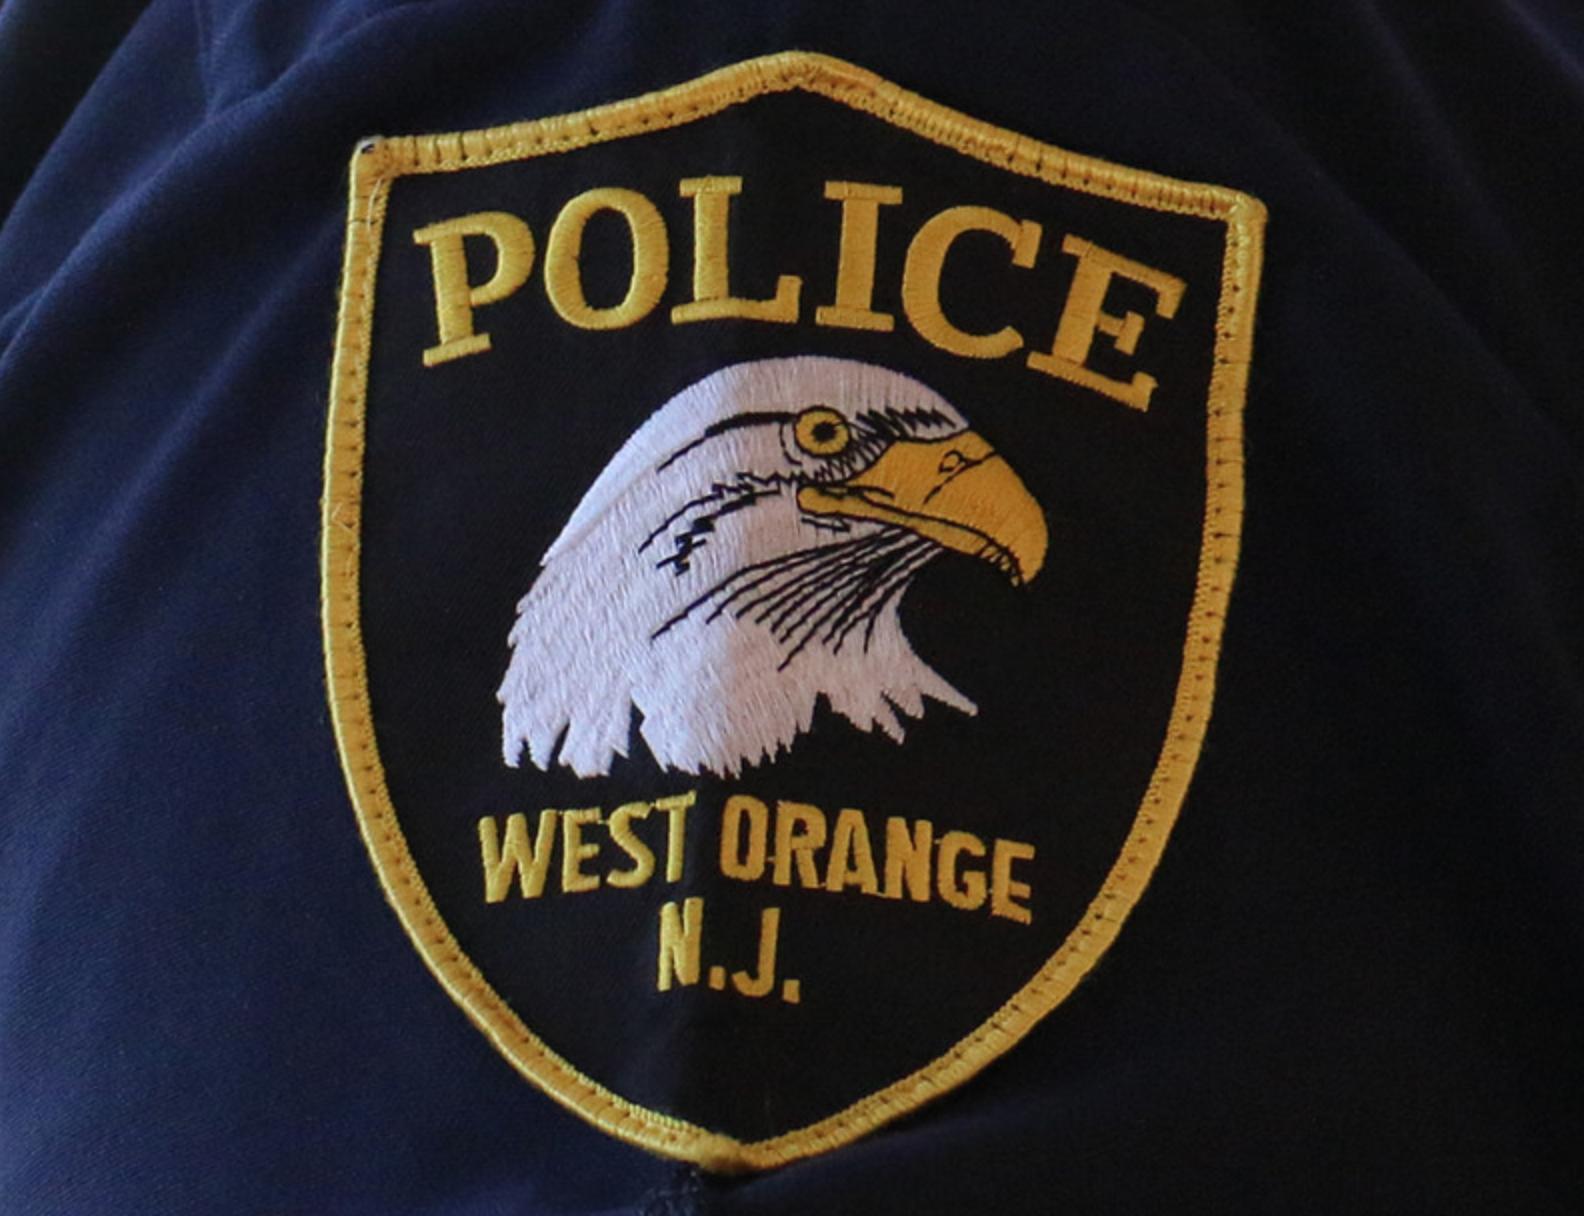 64e1827dd6cd36921a84_West_Orange_Police.jpg